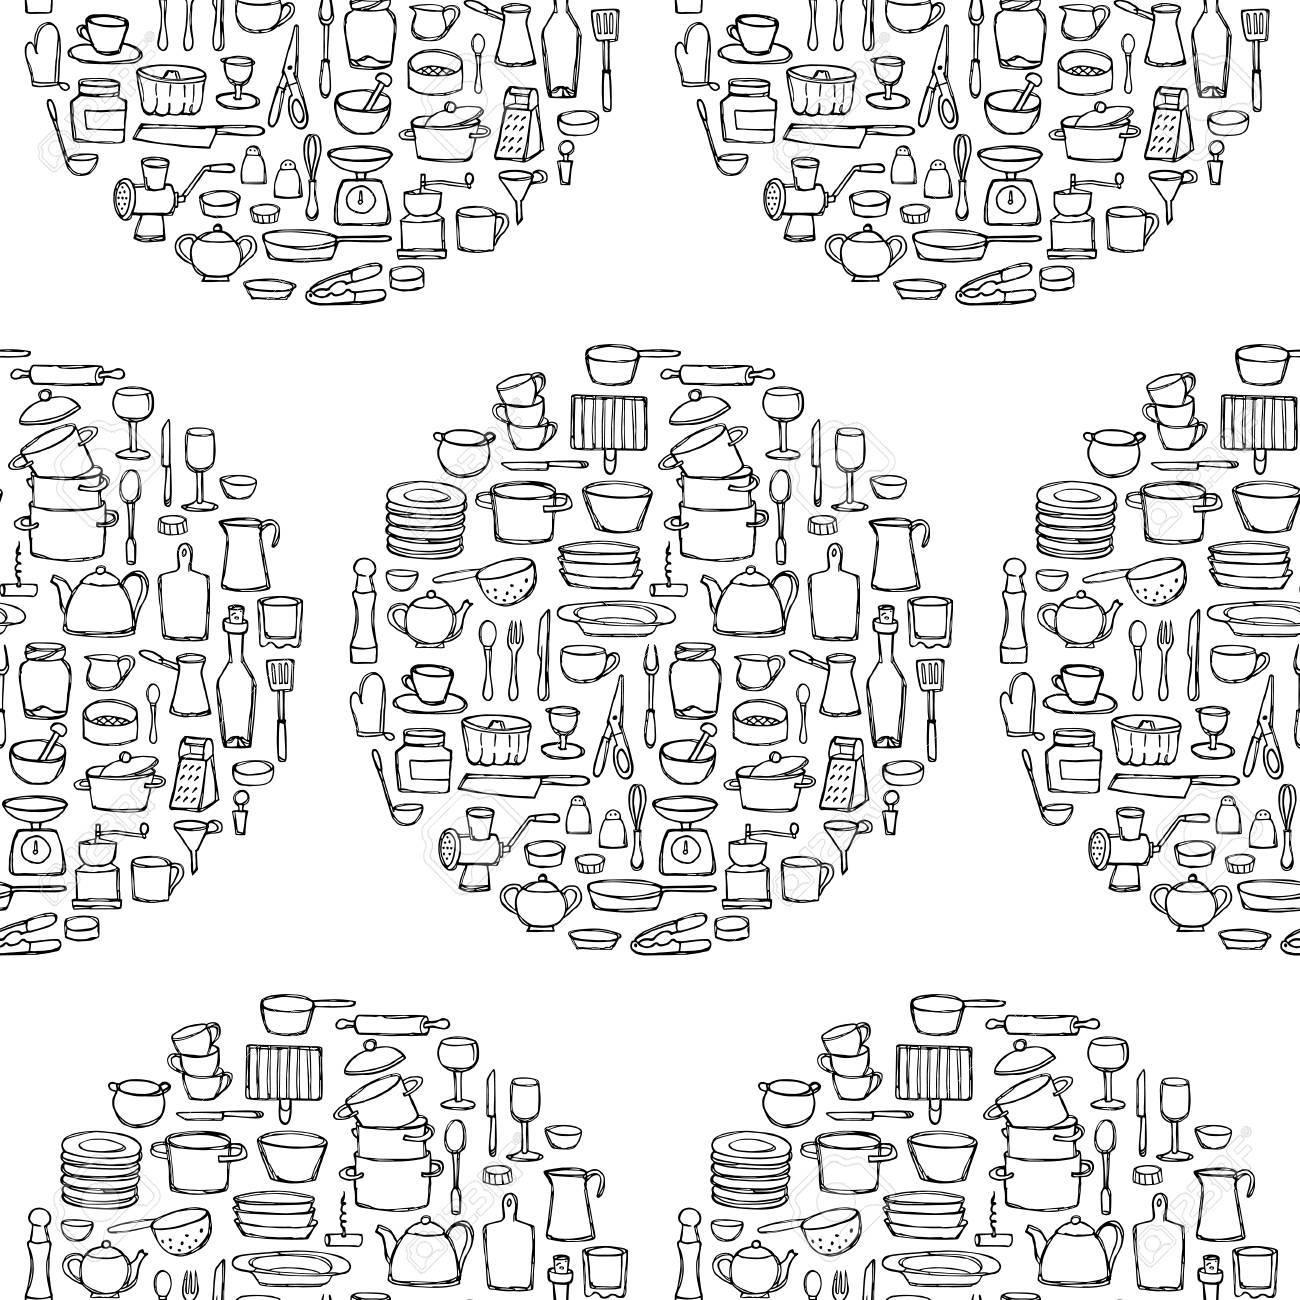 Patrón De Círculo Inconsútil De Cocina Doodles Página Para Colorear Boceto De Objetos De Cocina Y Equipo Fondo De Pantalla